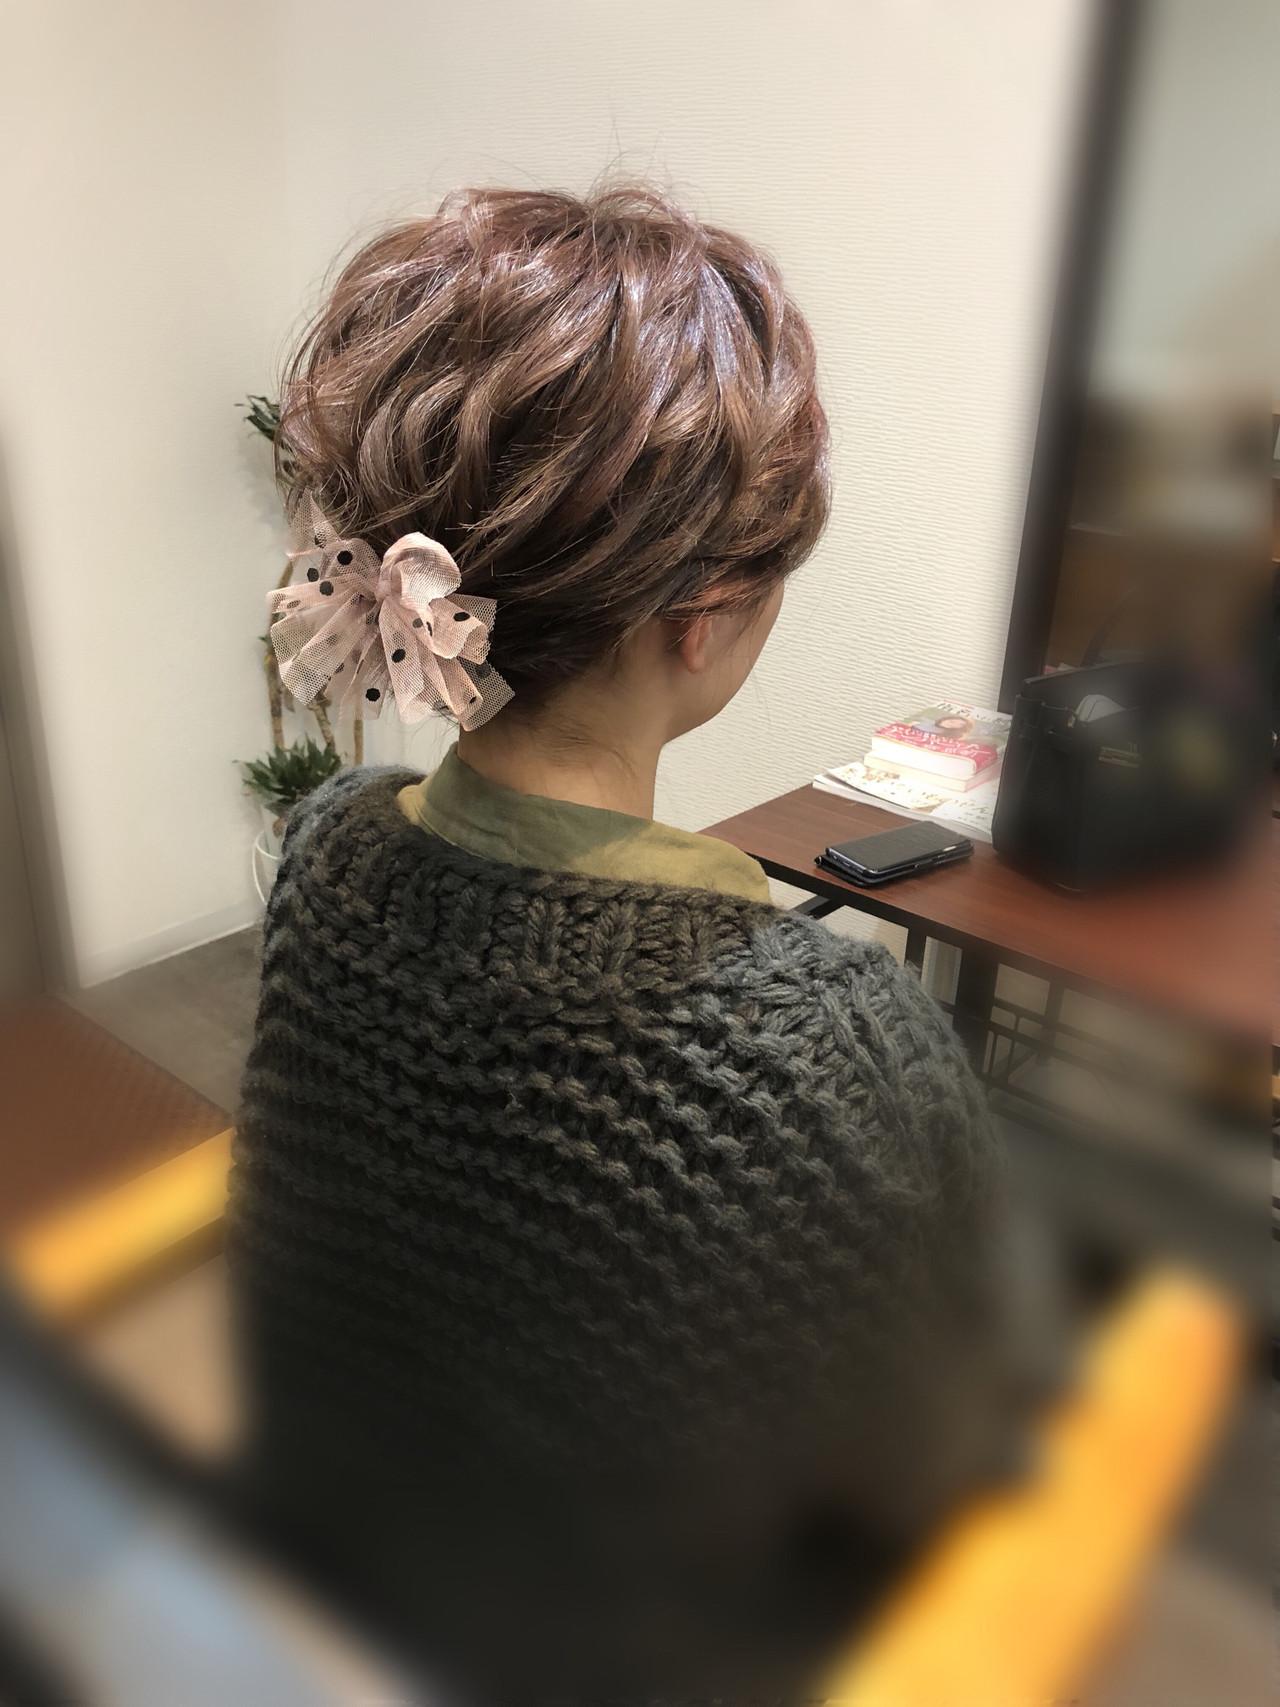 ショート ヘアセット アップスタイル ショートヘアアレンジ ヘアスタイルや髪型の写真・画像